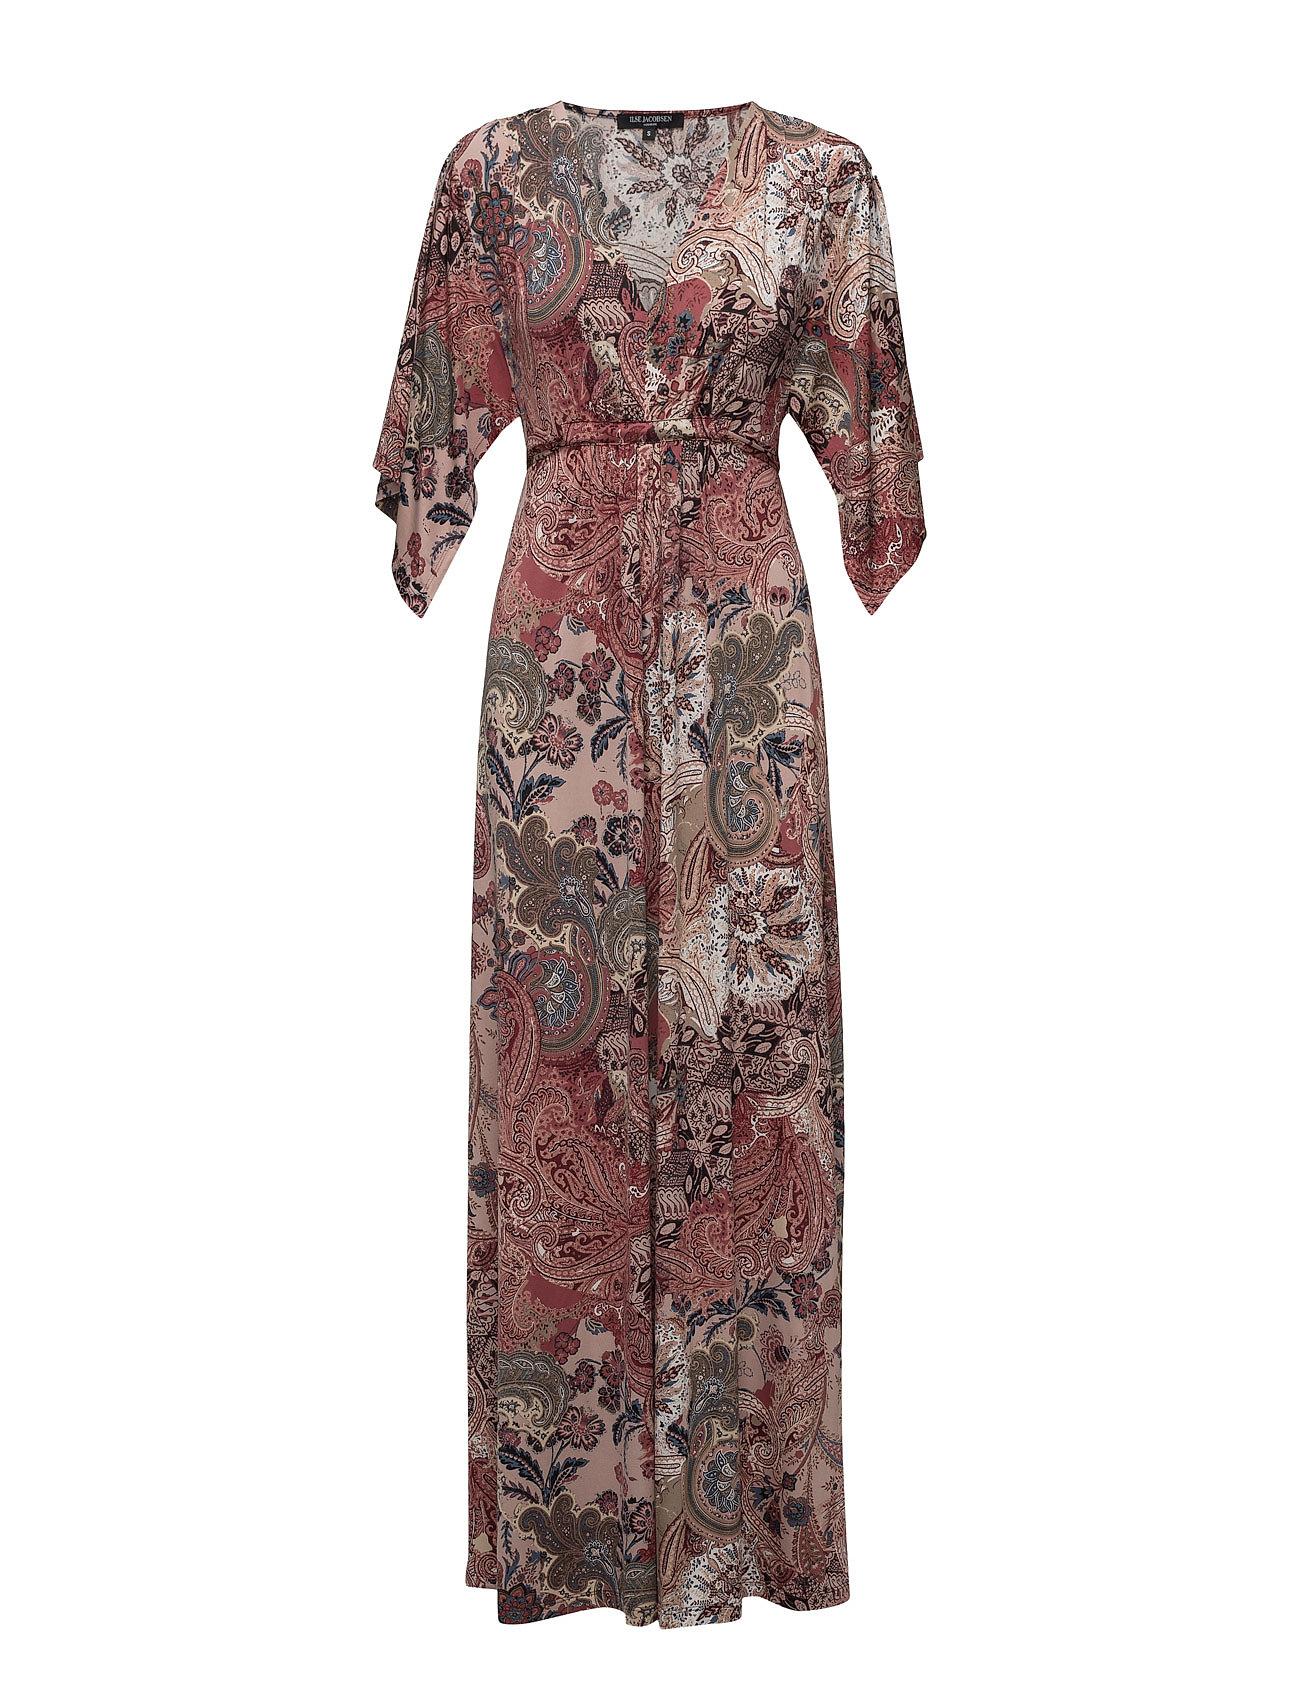 615f13ed9361 Dress Ilse Jacobsen Maxi Kjoler til Damer i. I dagens indlæg kigger vi på  hvorledes man kan finde lækre og moderne ...